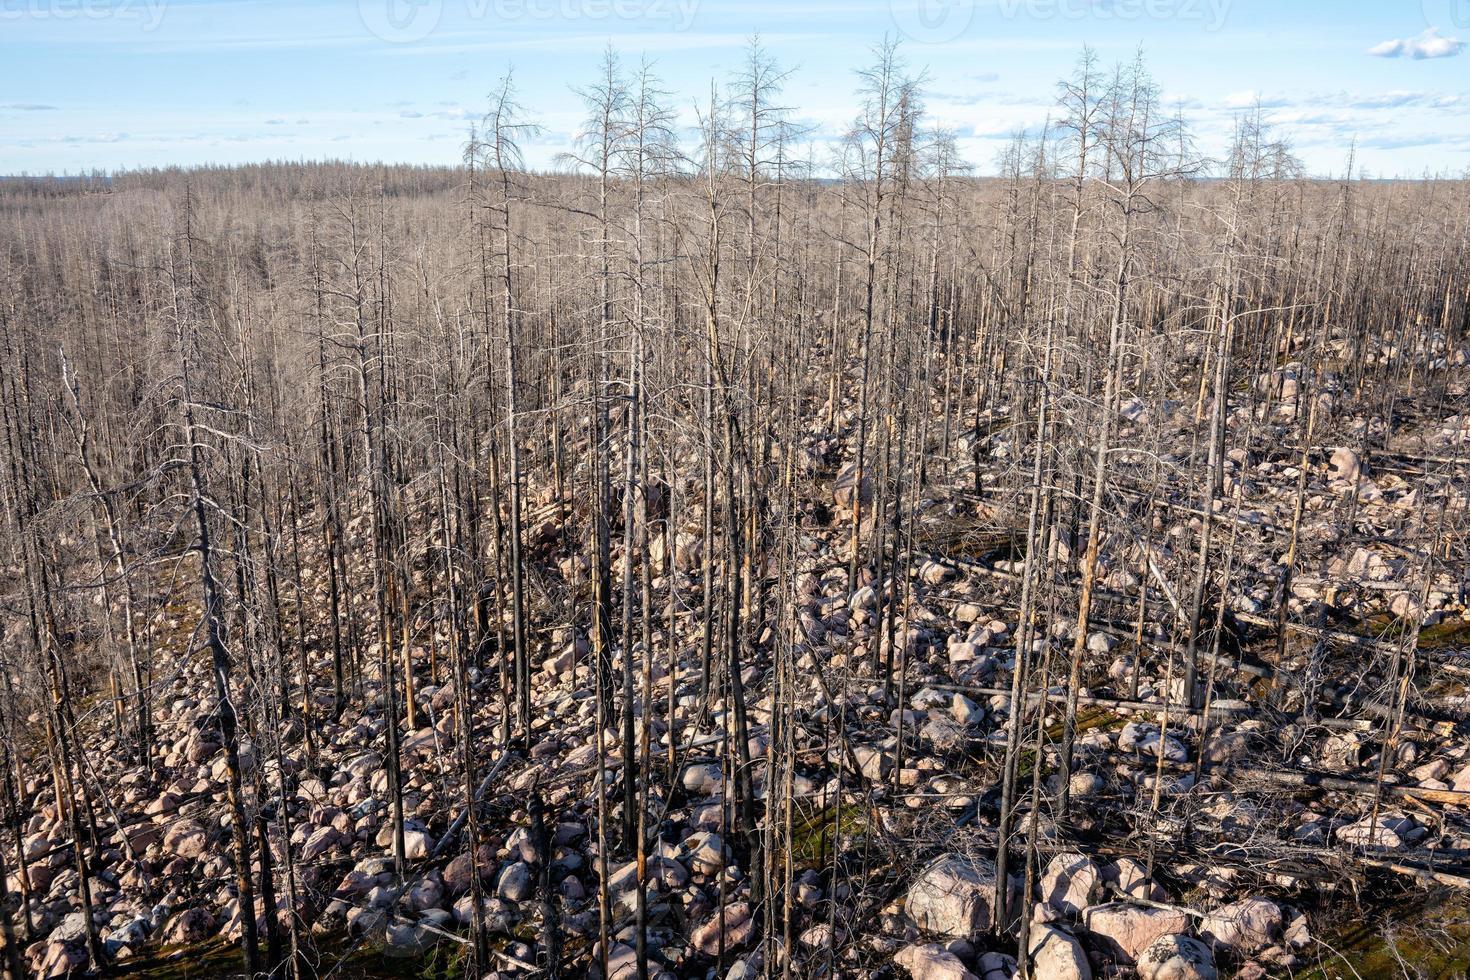 foresta morta dopo un incendio boschivo foto